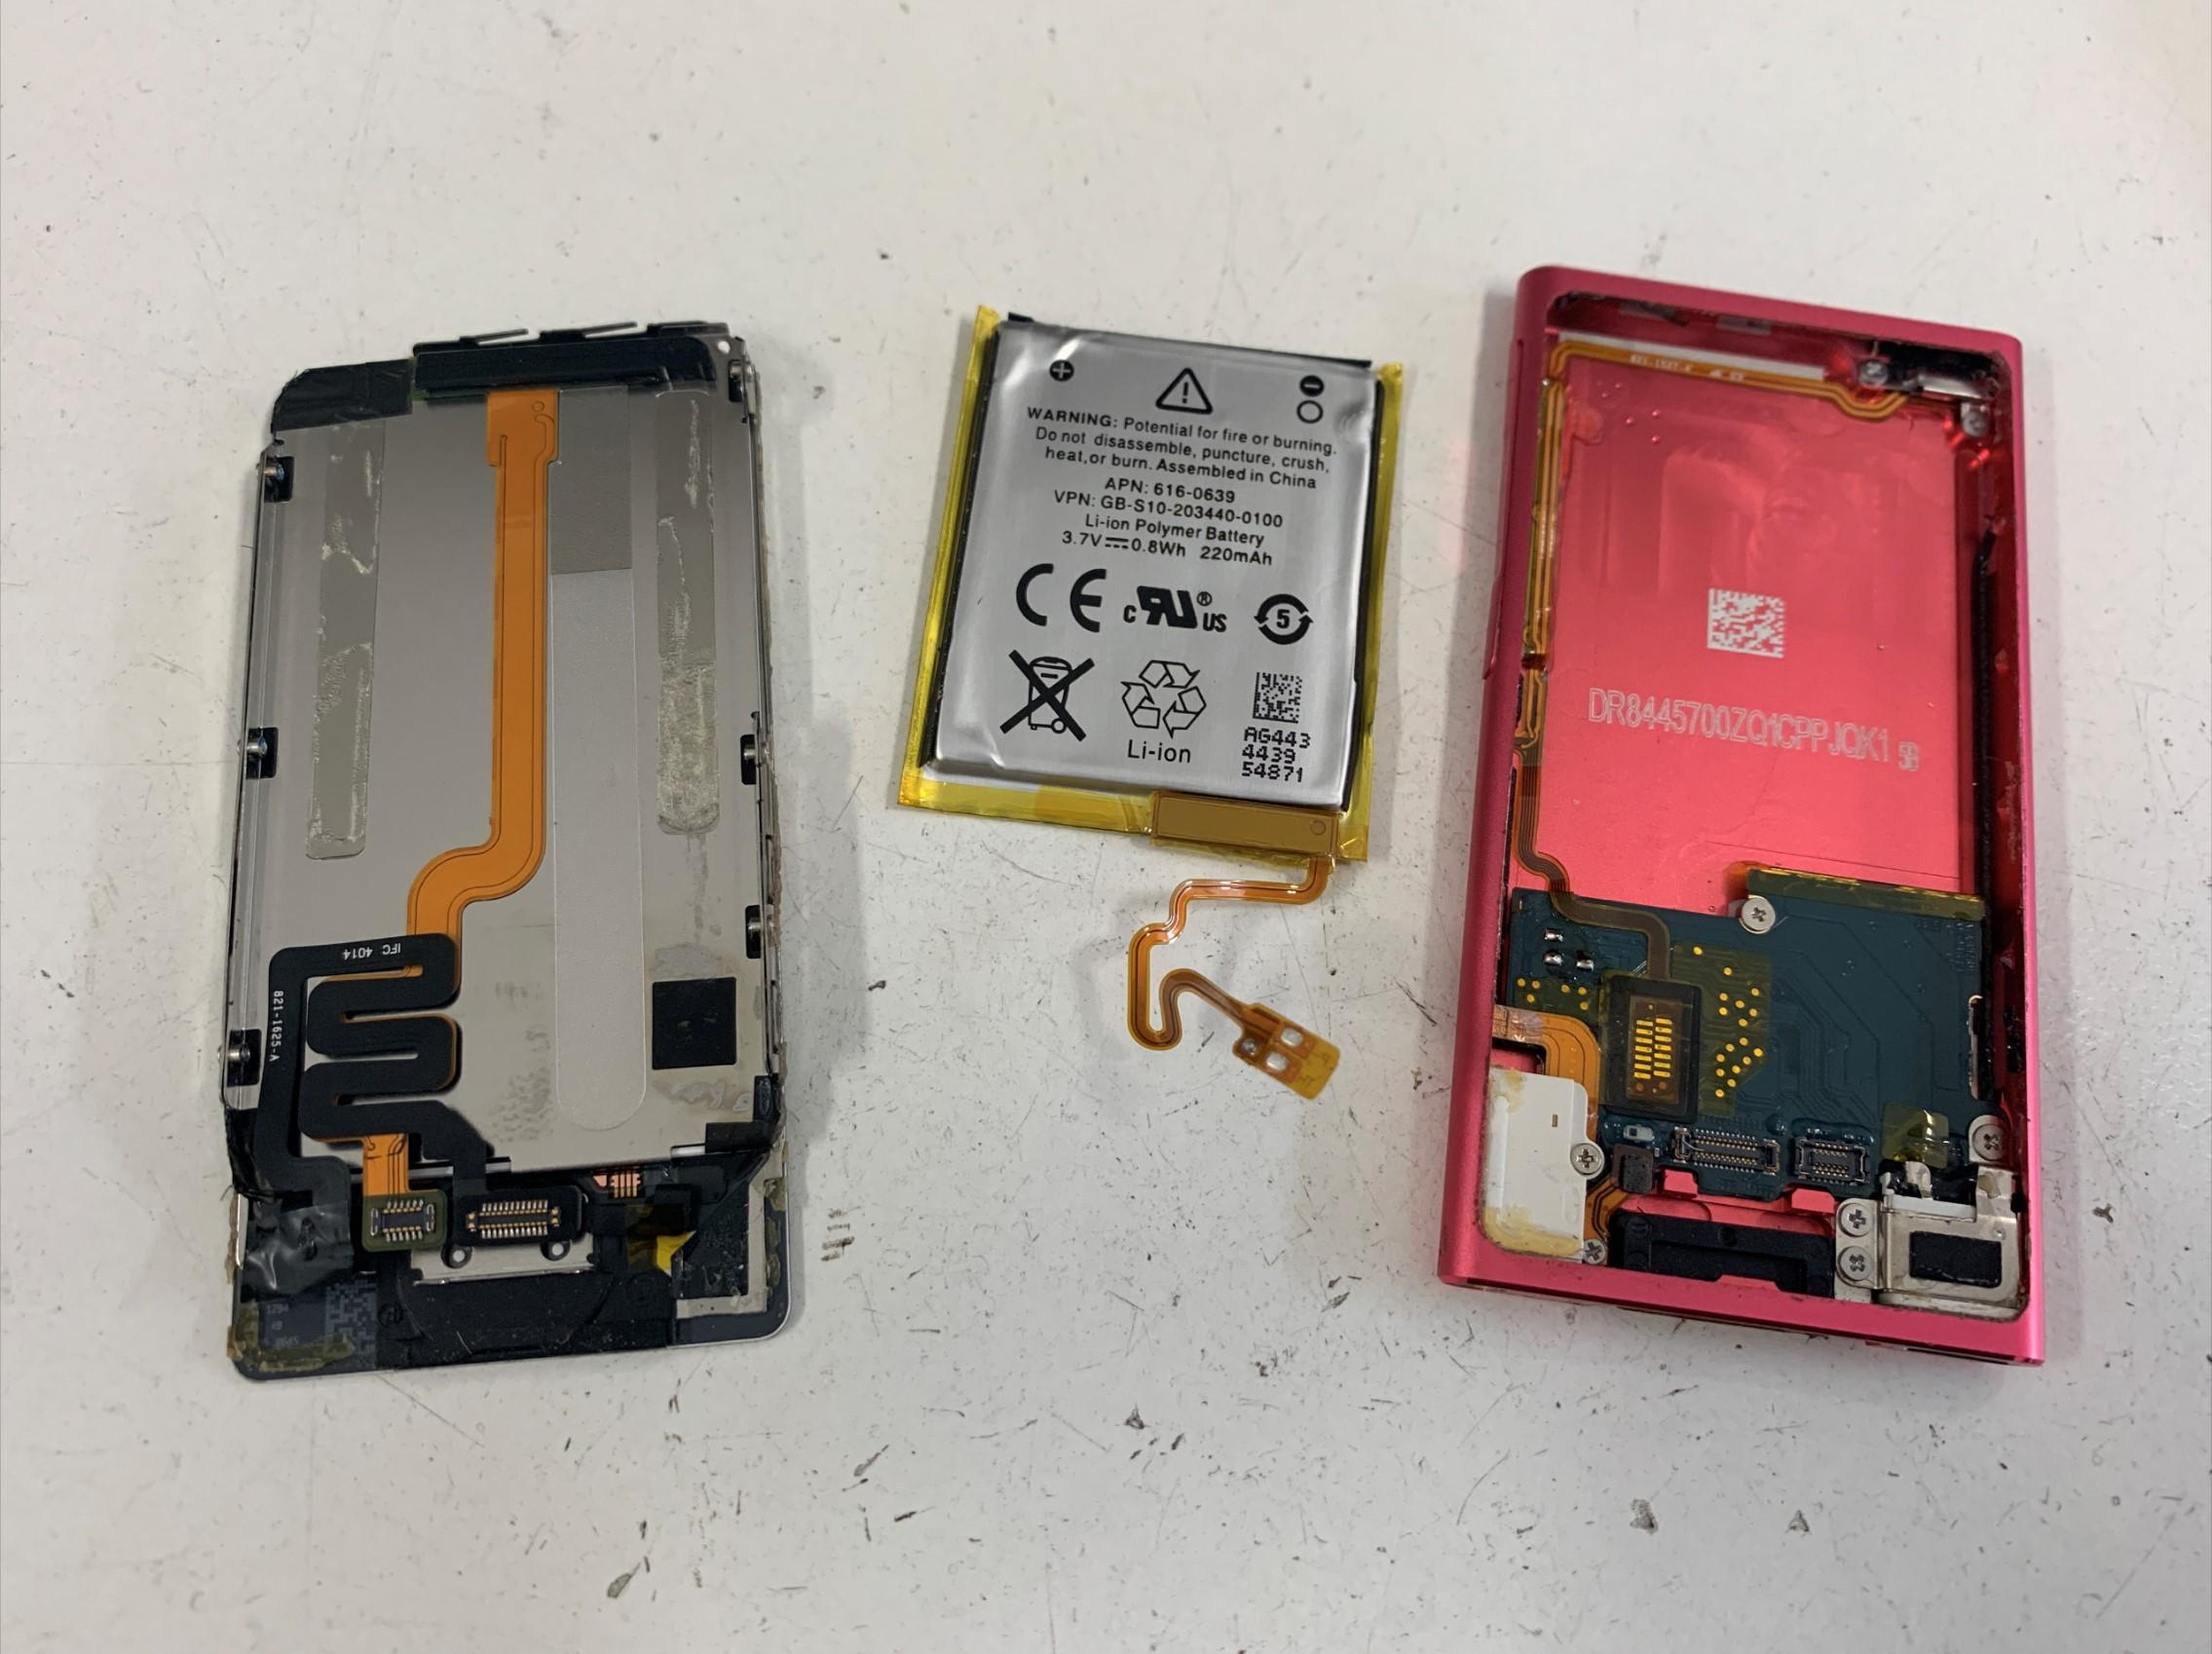 バッテリーを取り出したiPod nano 第7世代